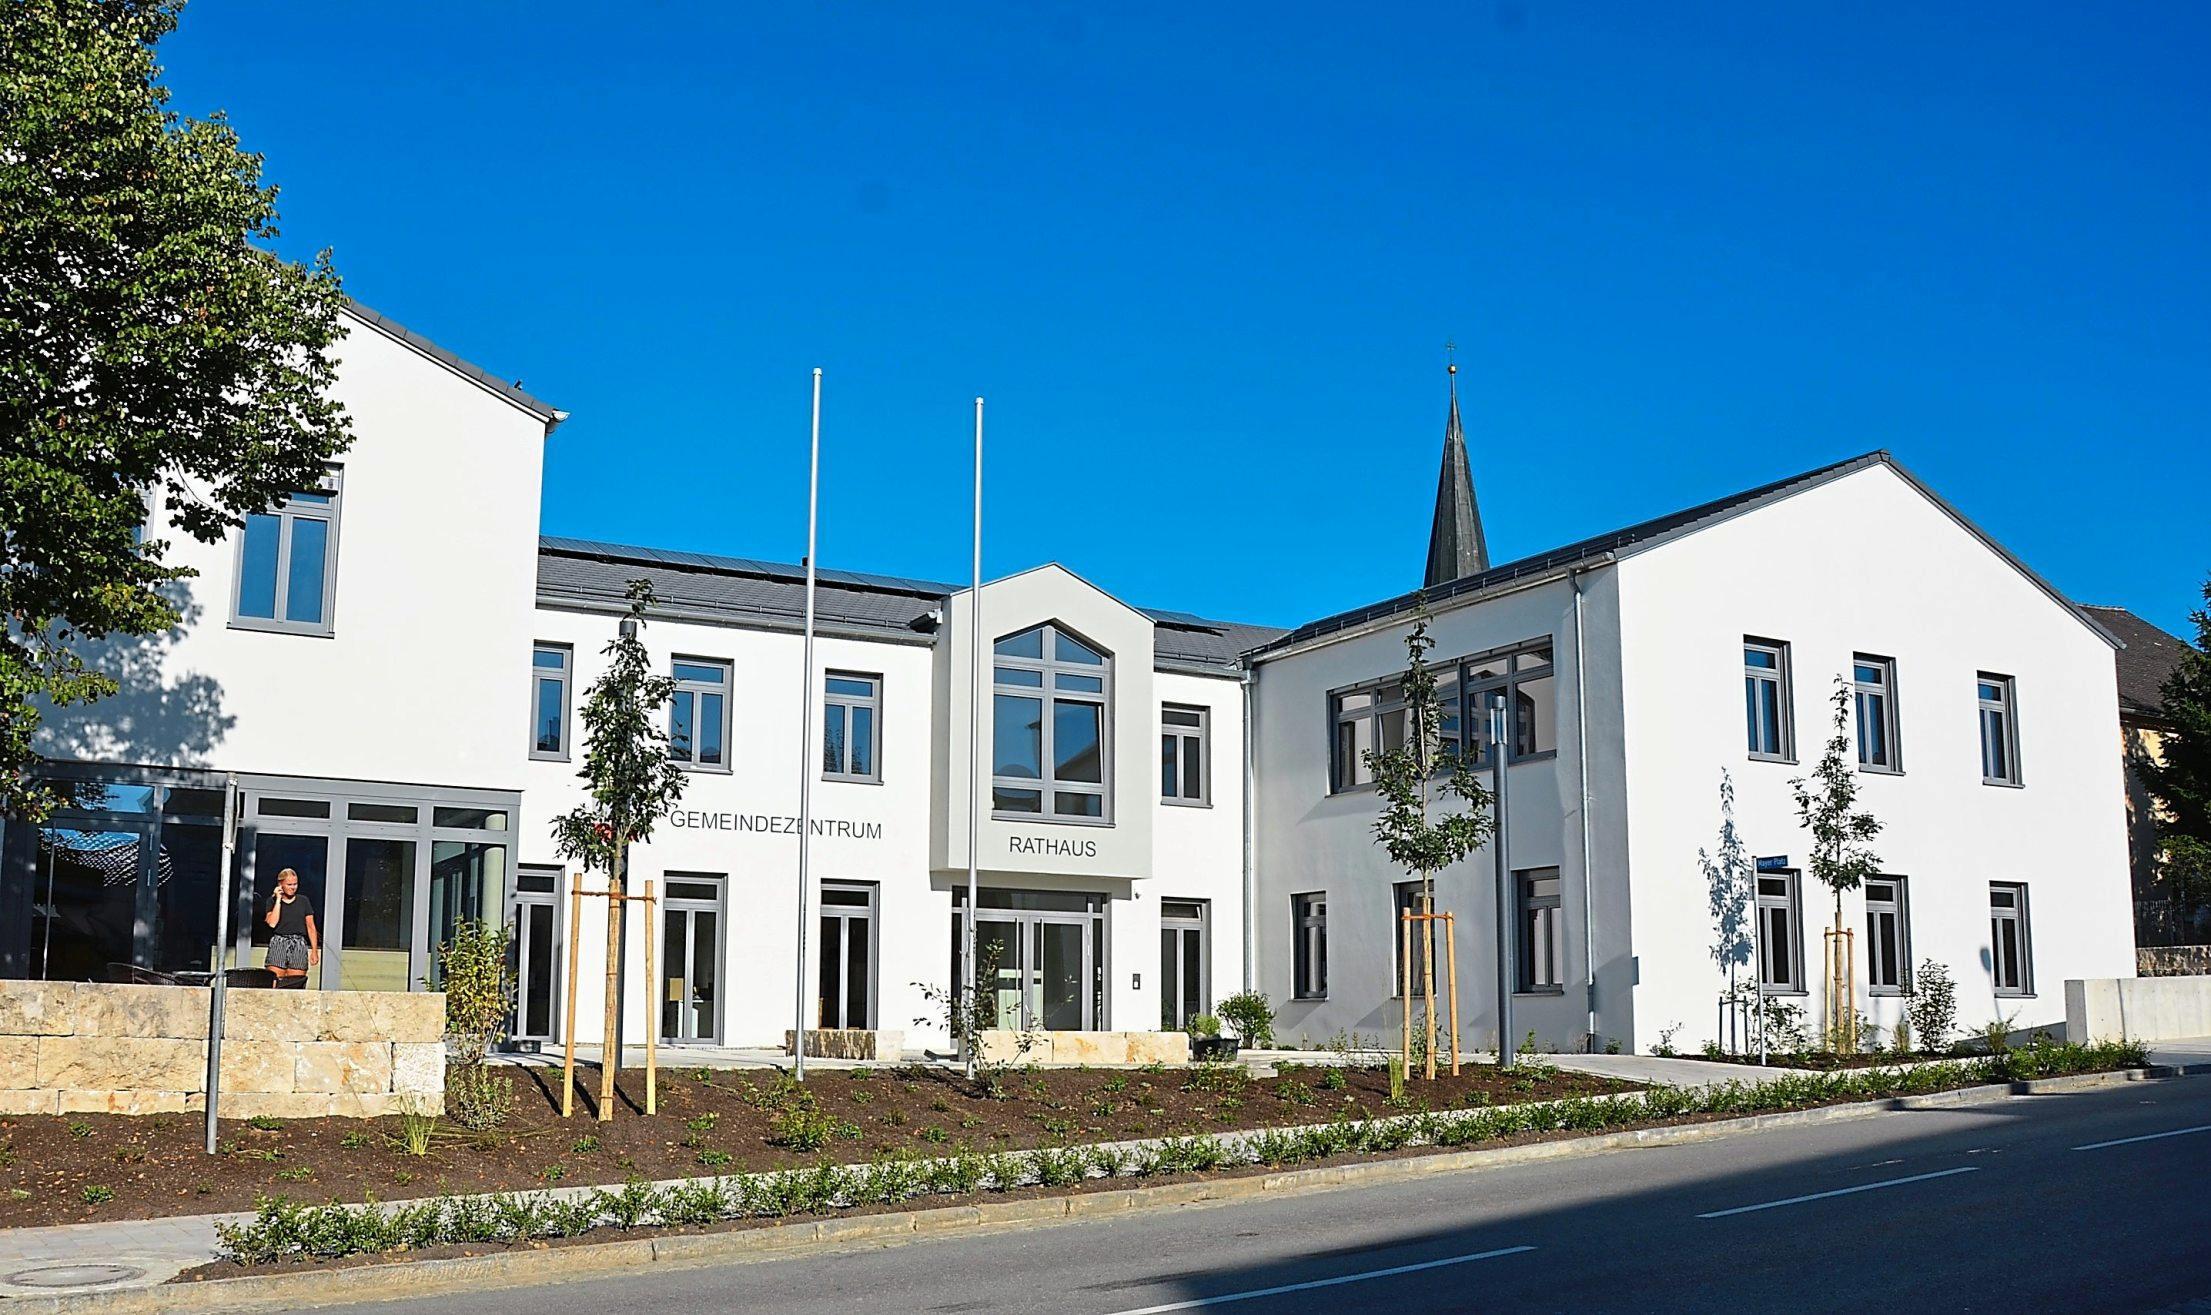 Perfekt präsentiert sich das Neue Gemeindezentrum. Sogar die Außenanlagen sind noch nahezu fertig geworden. Fotos: Feldmann